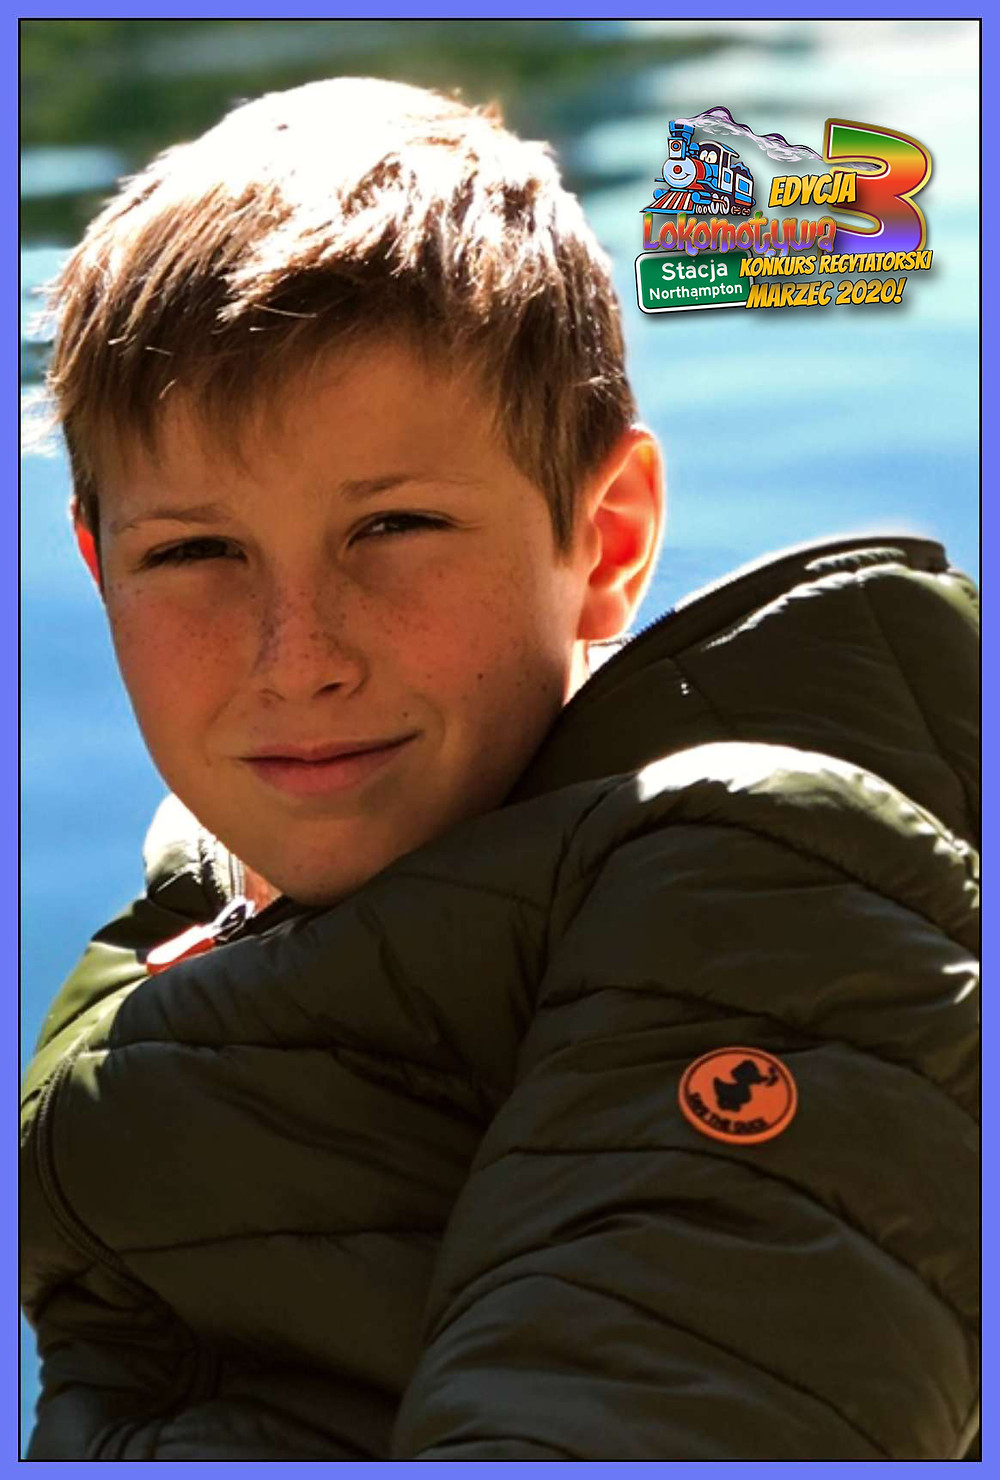 W III Edycji Konkursu ponownie wystąpi 11-letni Krystian!